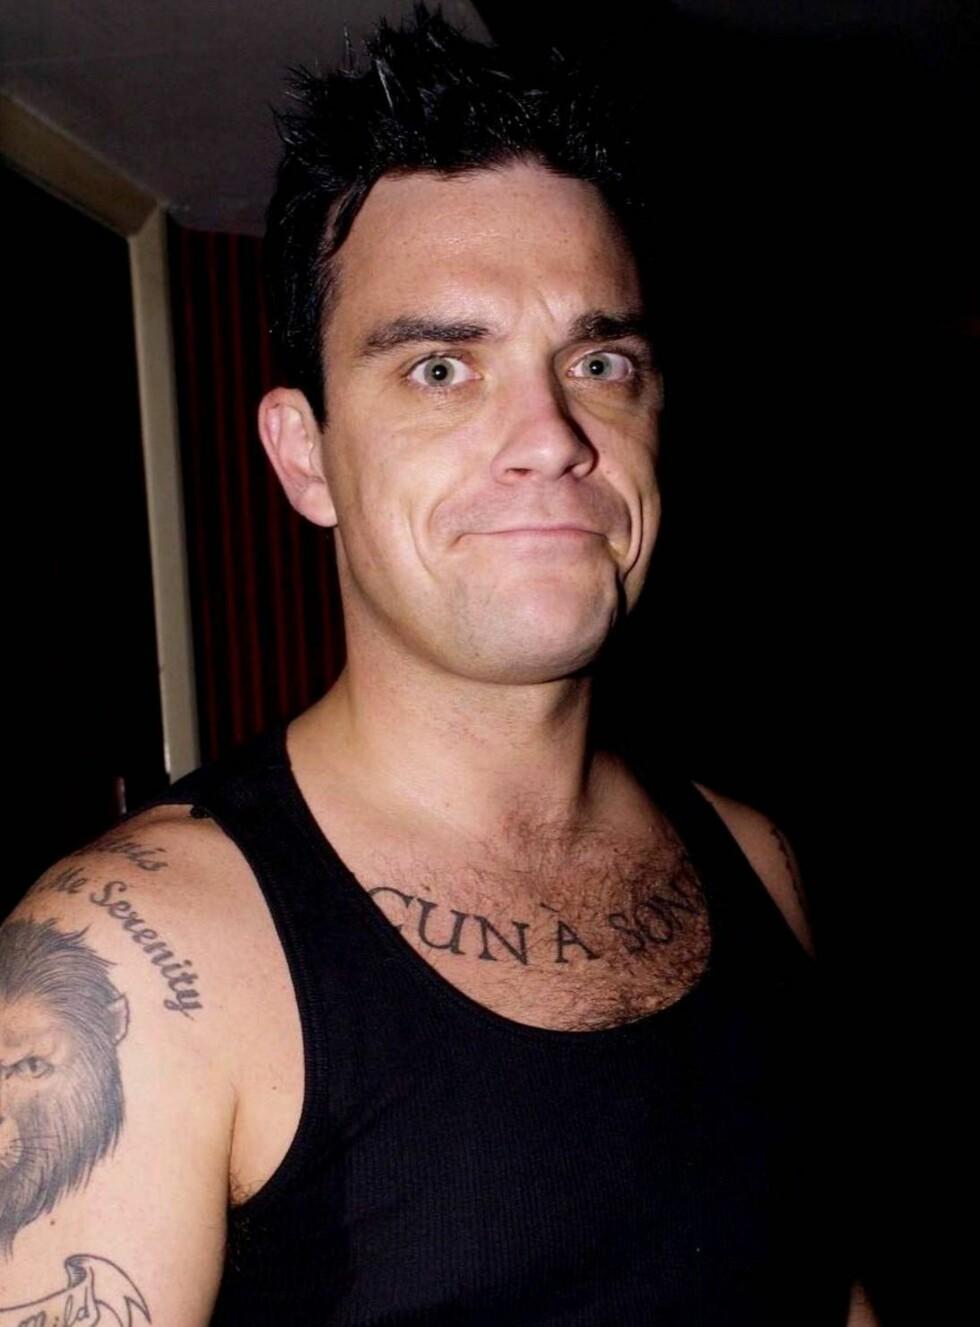 MÅ SLUTTE: Robbie Williams har 18 tatoveringer, men nå gjør for vondt å ta flere, sier han. Foto: All Over Press